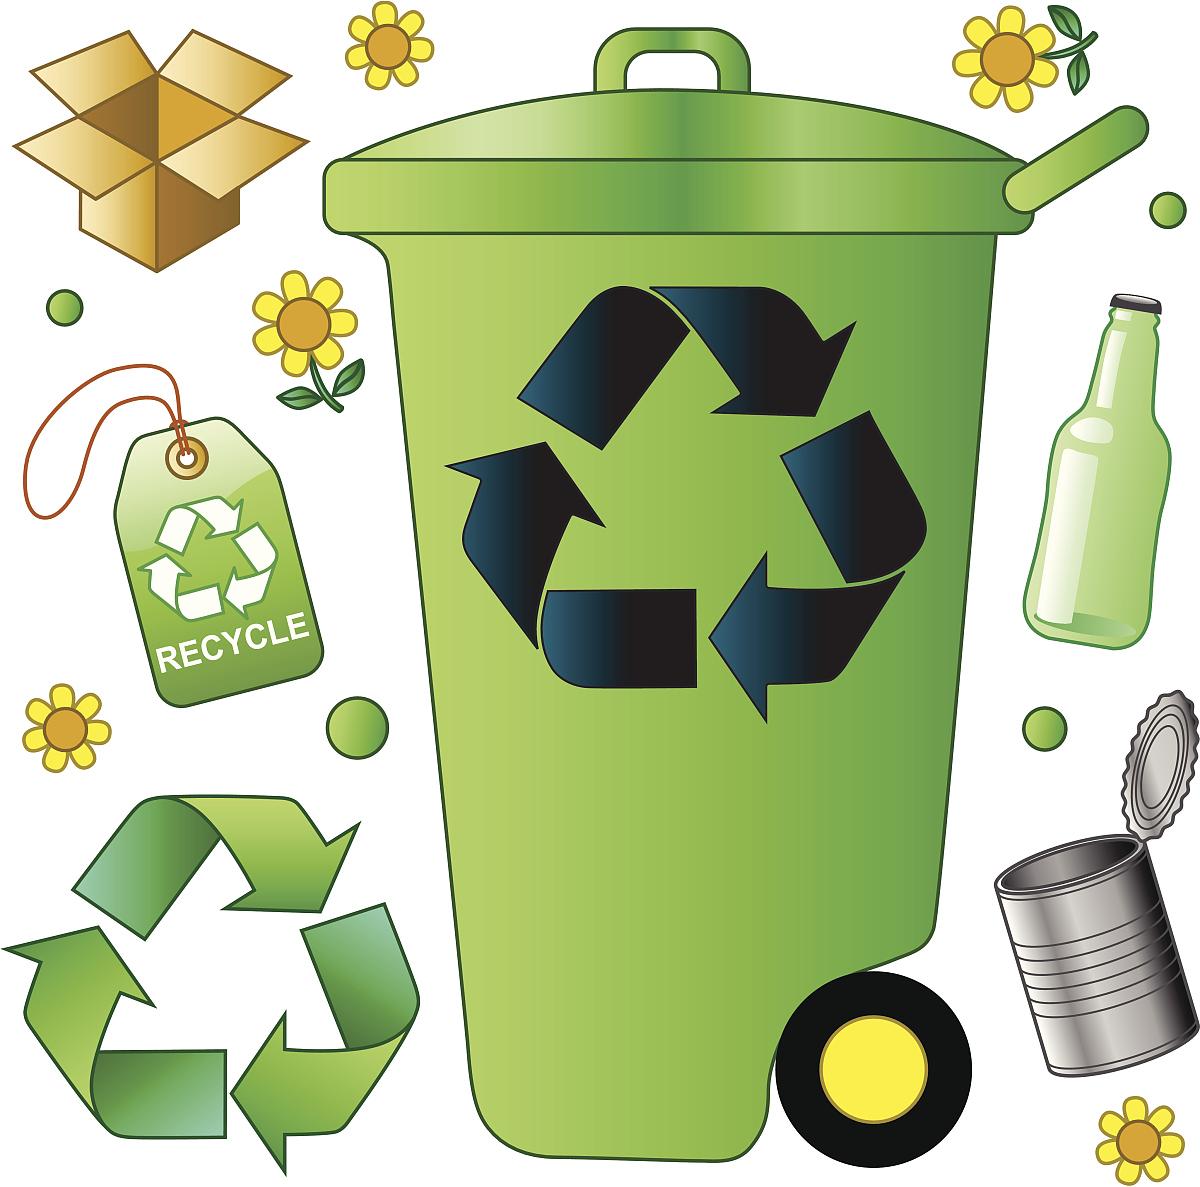 垃圾分类回收的好处_回收垃圾的好处是有哪些?-